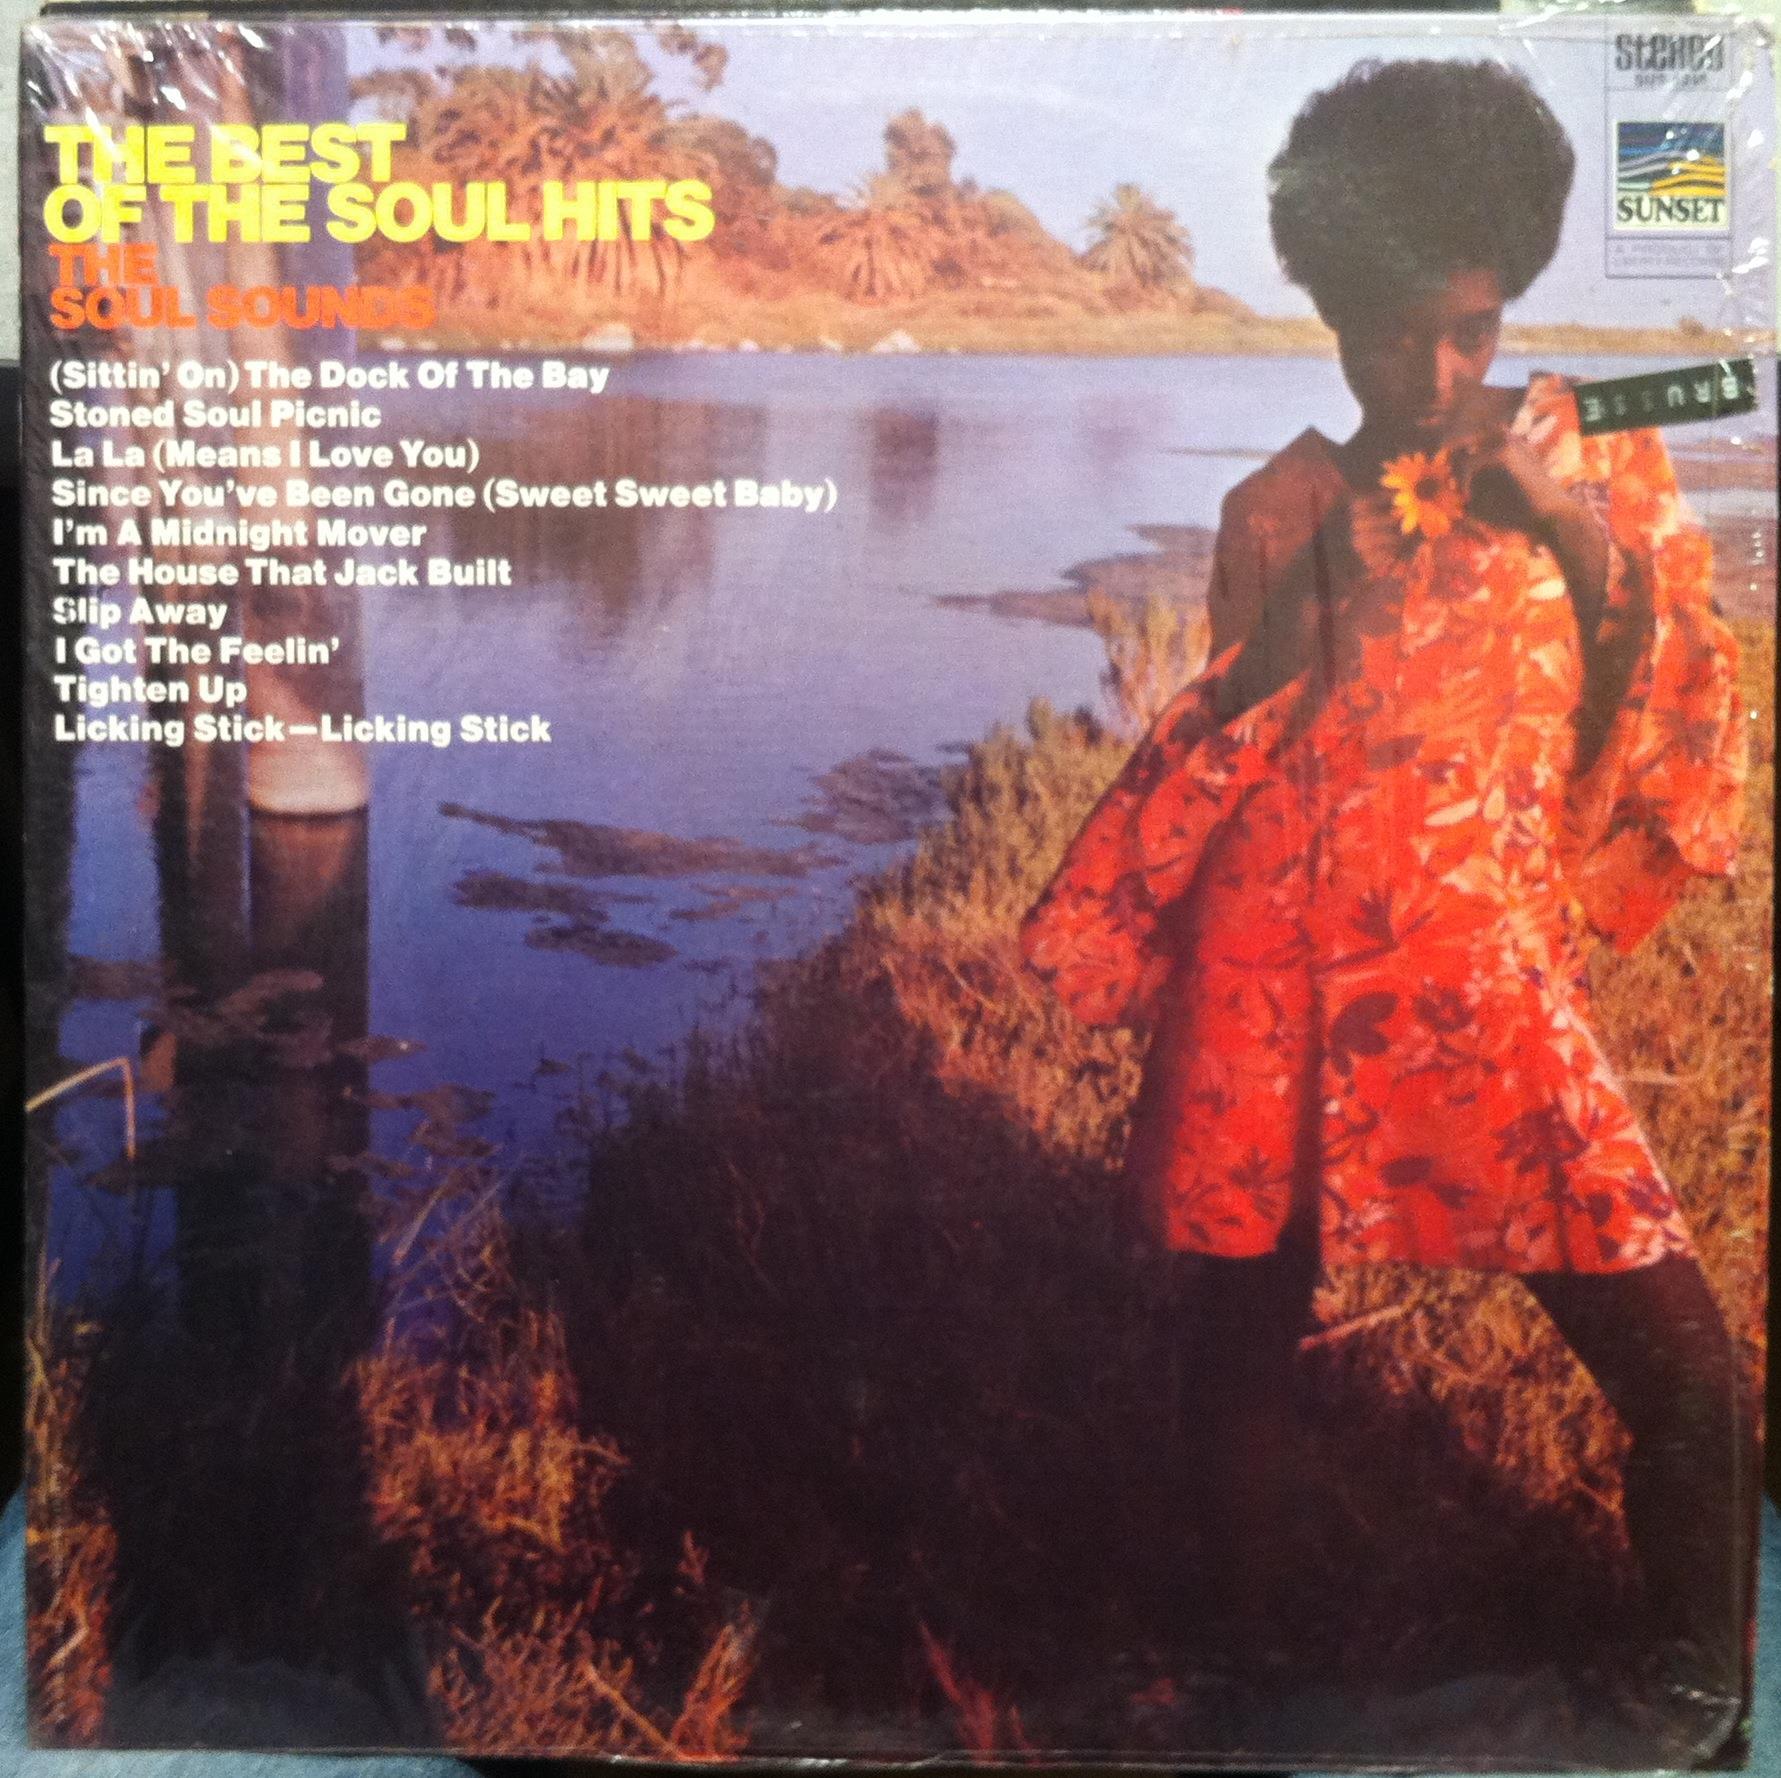 SOUL SOUNDS - The Soul Sounds Best Of Soul Hits Lp Vg Sus-5249 Vinyl 1969 Record (best Of Soul Hits)